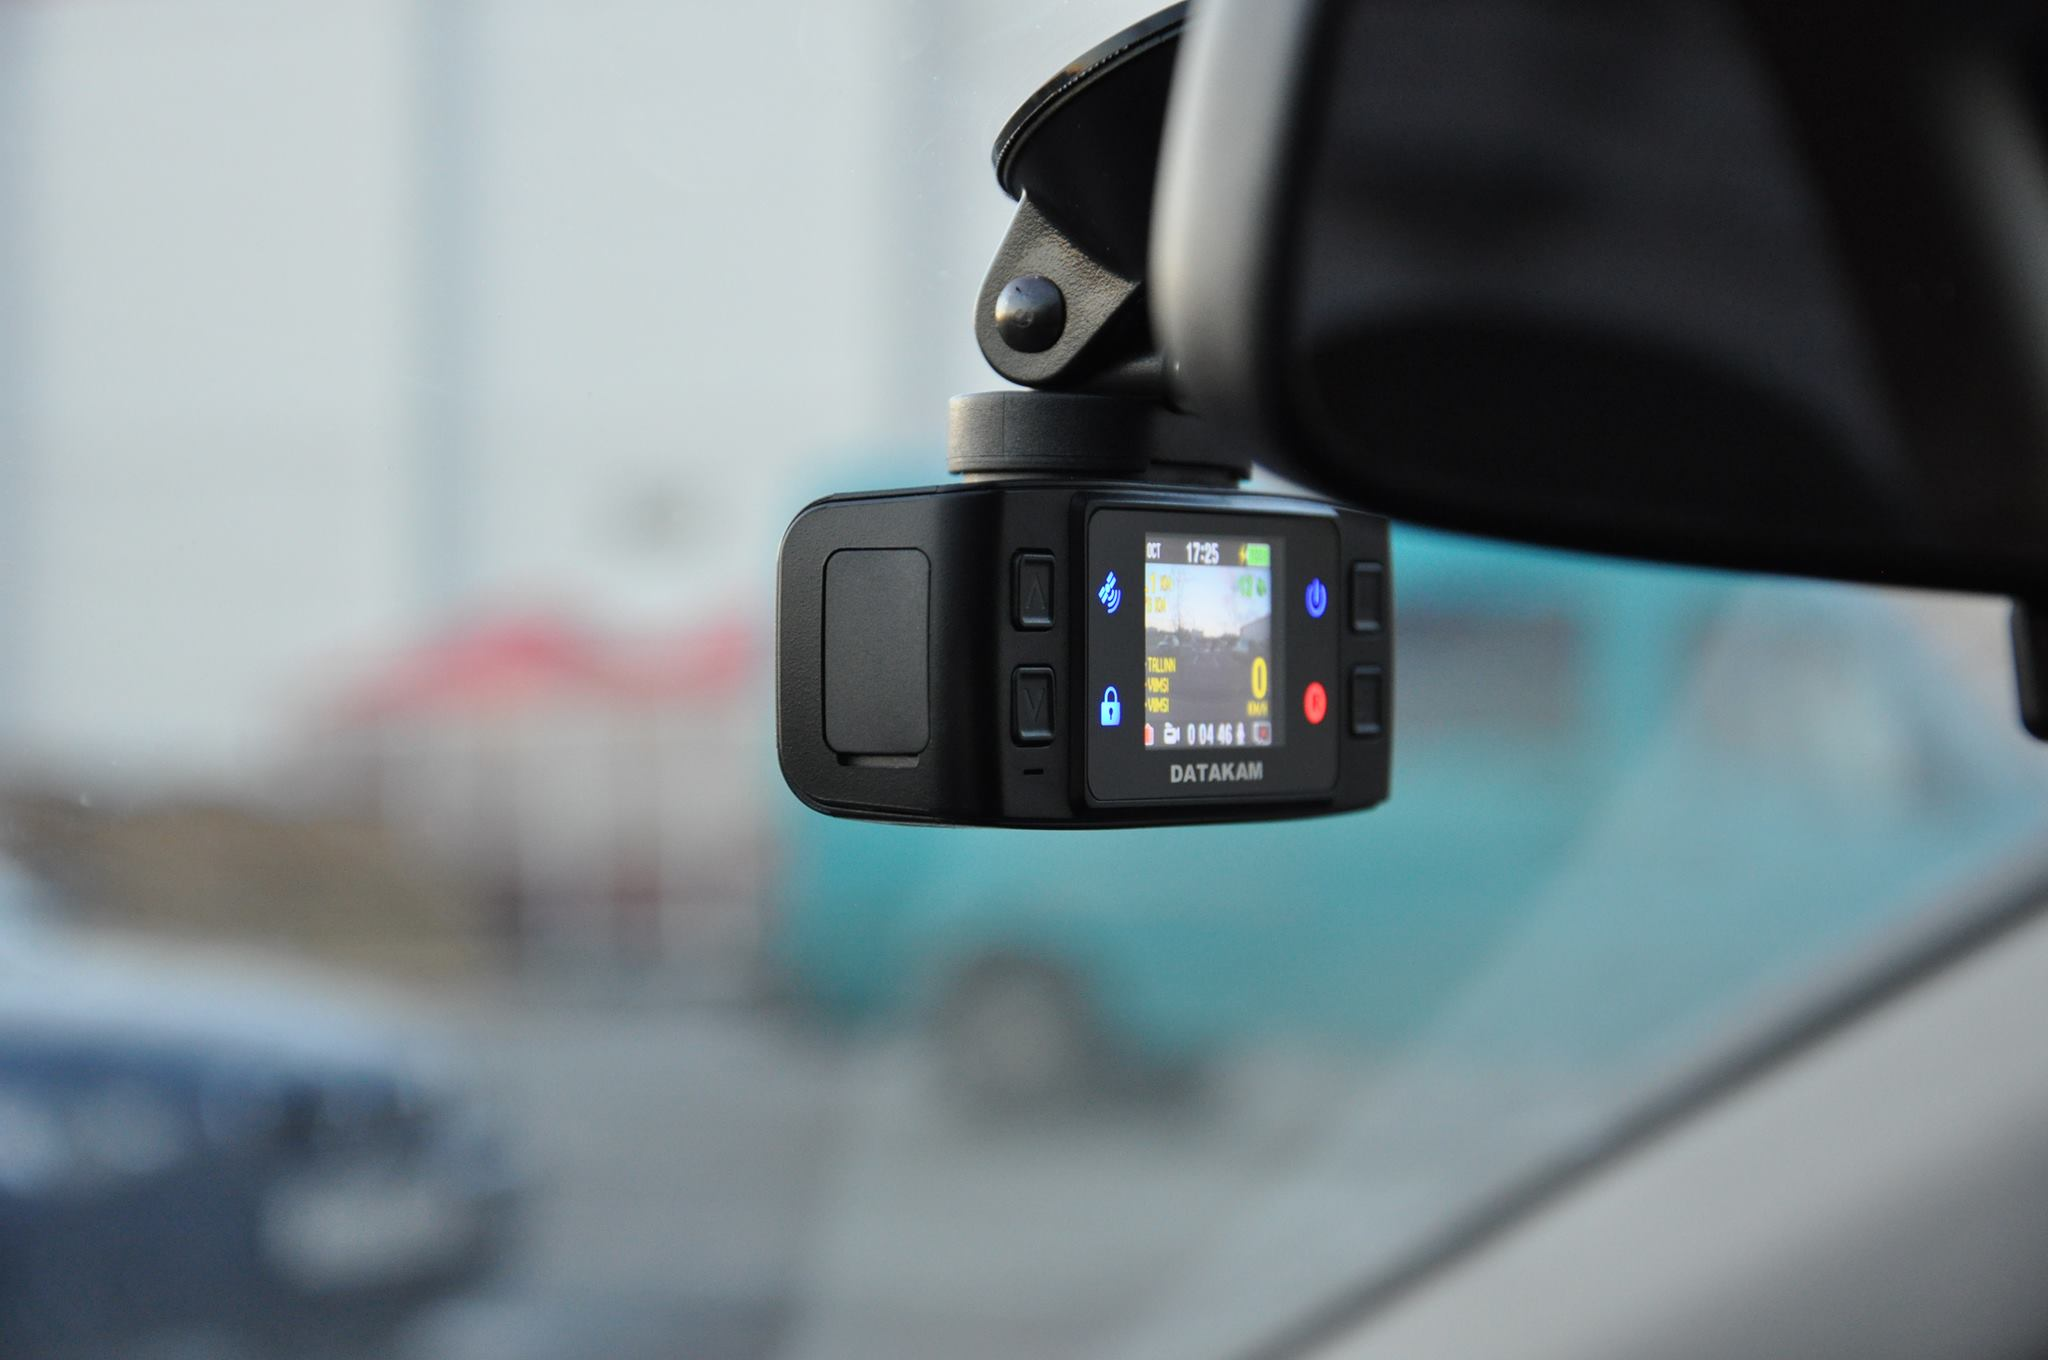 Ole teadlik! Autokaamerad aitavad kindlustusel lahendada mitmeid juhtumeid kuus